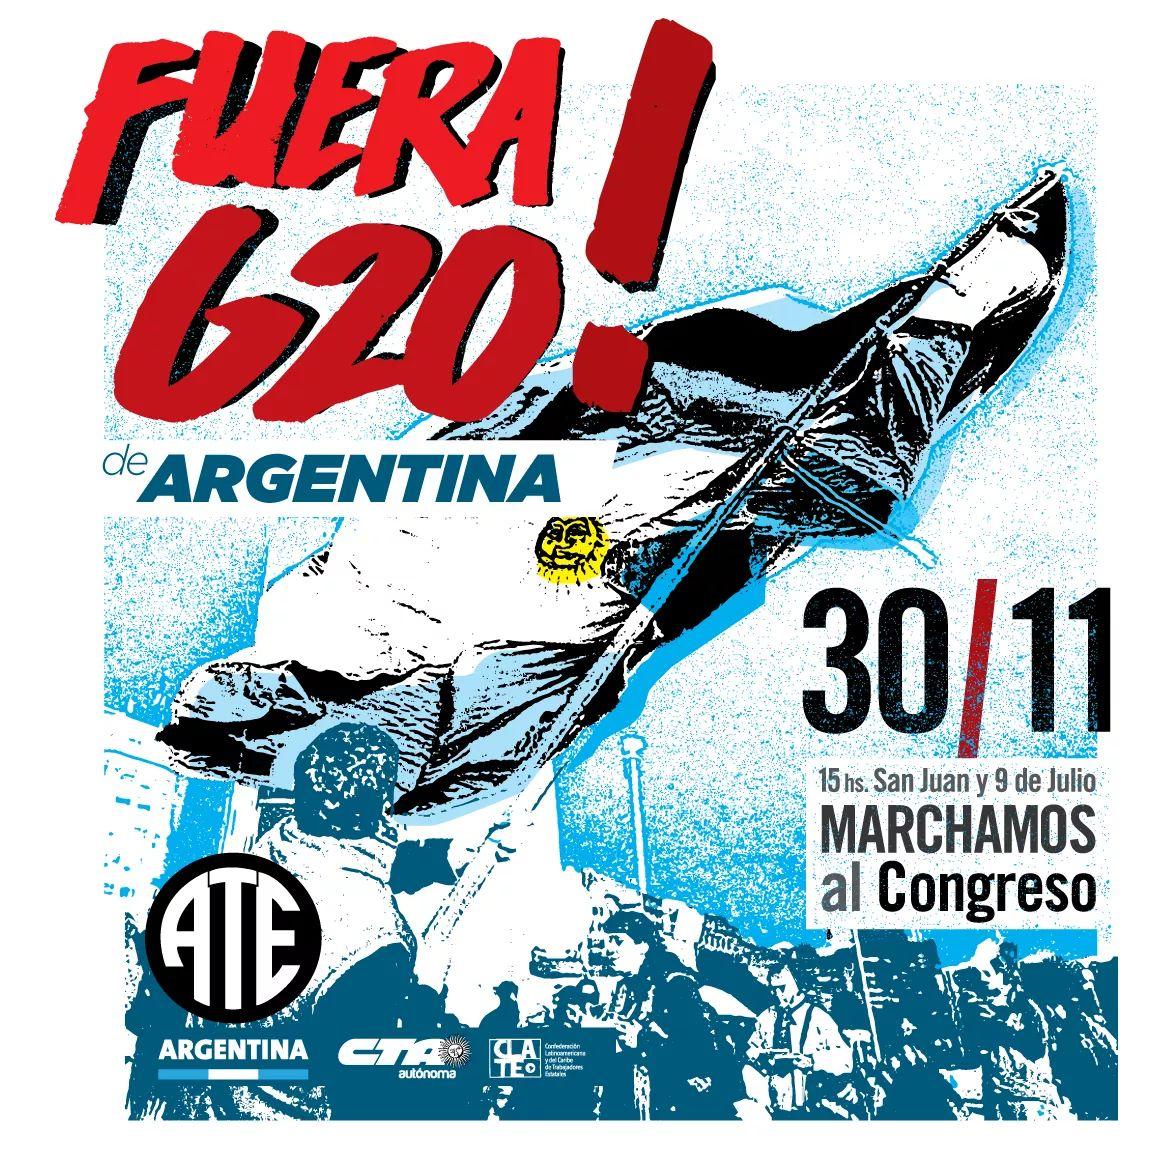 #Hoy #ATE #CTAA #CLATE  #FueraG20 de #Argentina Concentramos a las 15:00 hs en (Av. San Juan y Av. 9 de Julio) y Marchamos al #Congreso  #BastaDeAjuste  #BastaDeRepresión #NoAlFMI #FueraFMI #NoAlG20